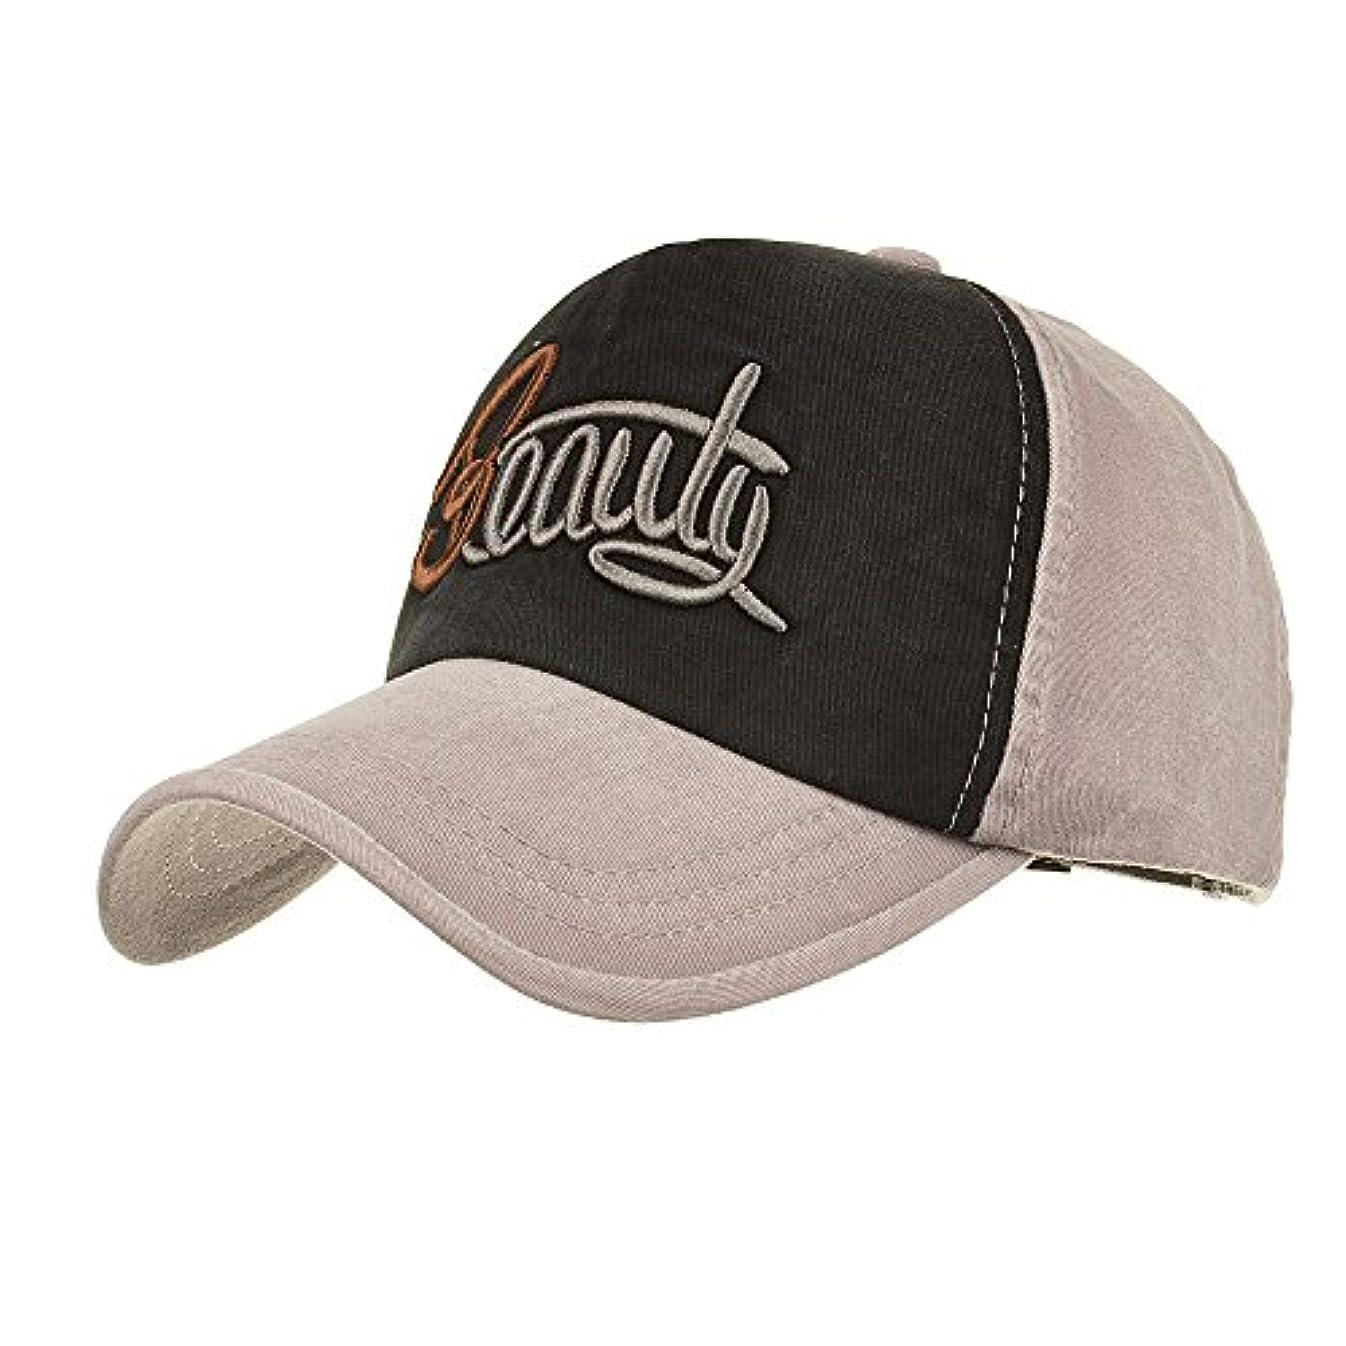 オズワルド聴く海外でRacazing Cap パッチワーク刺繍 ヒップホップ 野球帽 通気性のある 帽子 夏 登山 可調整可能 棒球帽 UV 帽子 軽量 屋外 Unisex Hat (グレー)